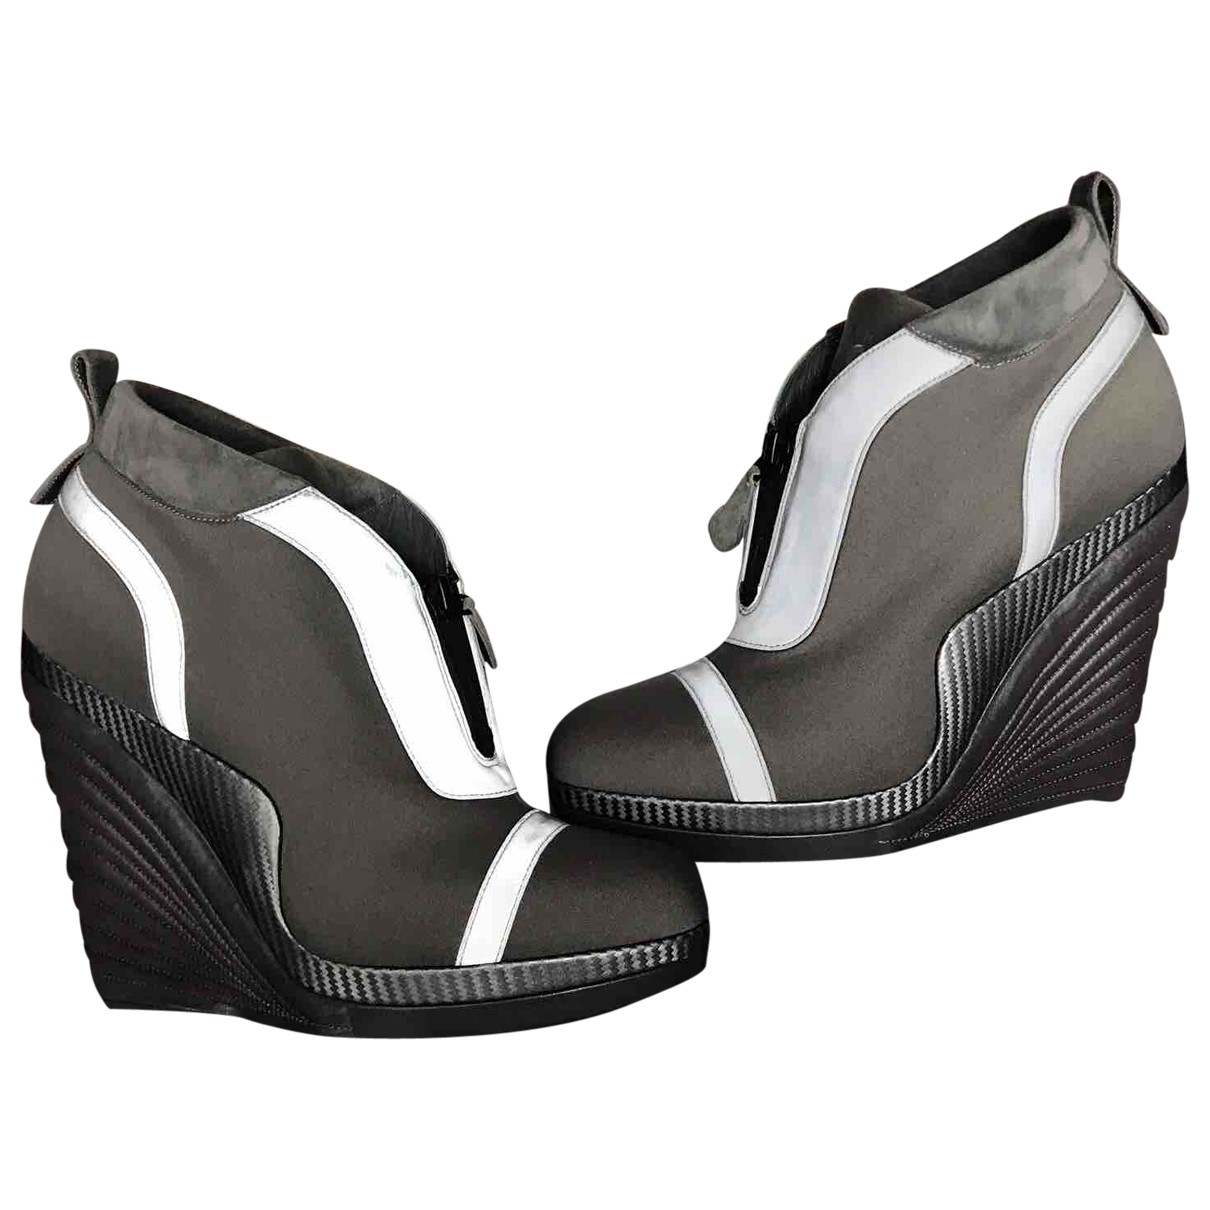 Yves Saint Laurent - Boots   pour femme en toile - gris